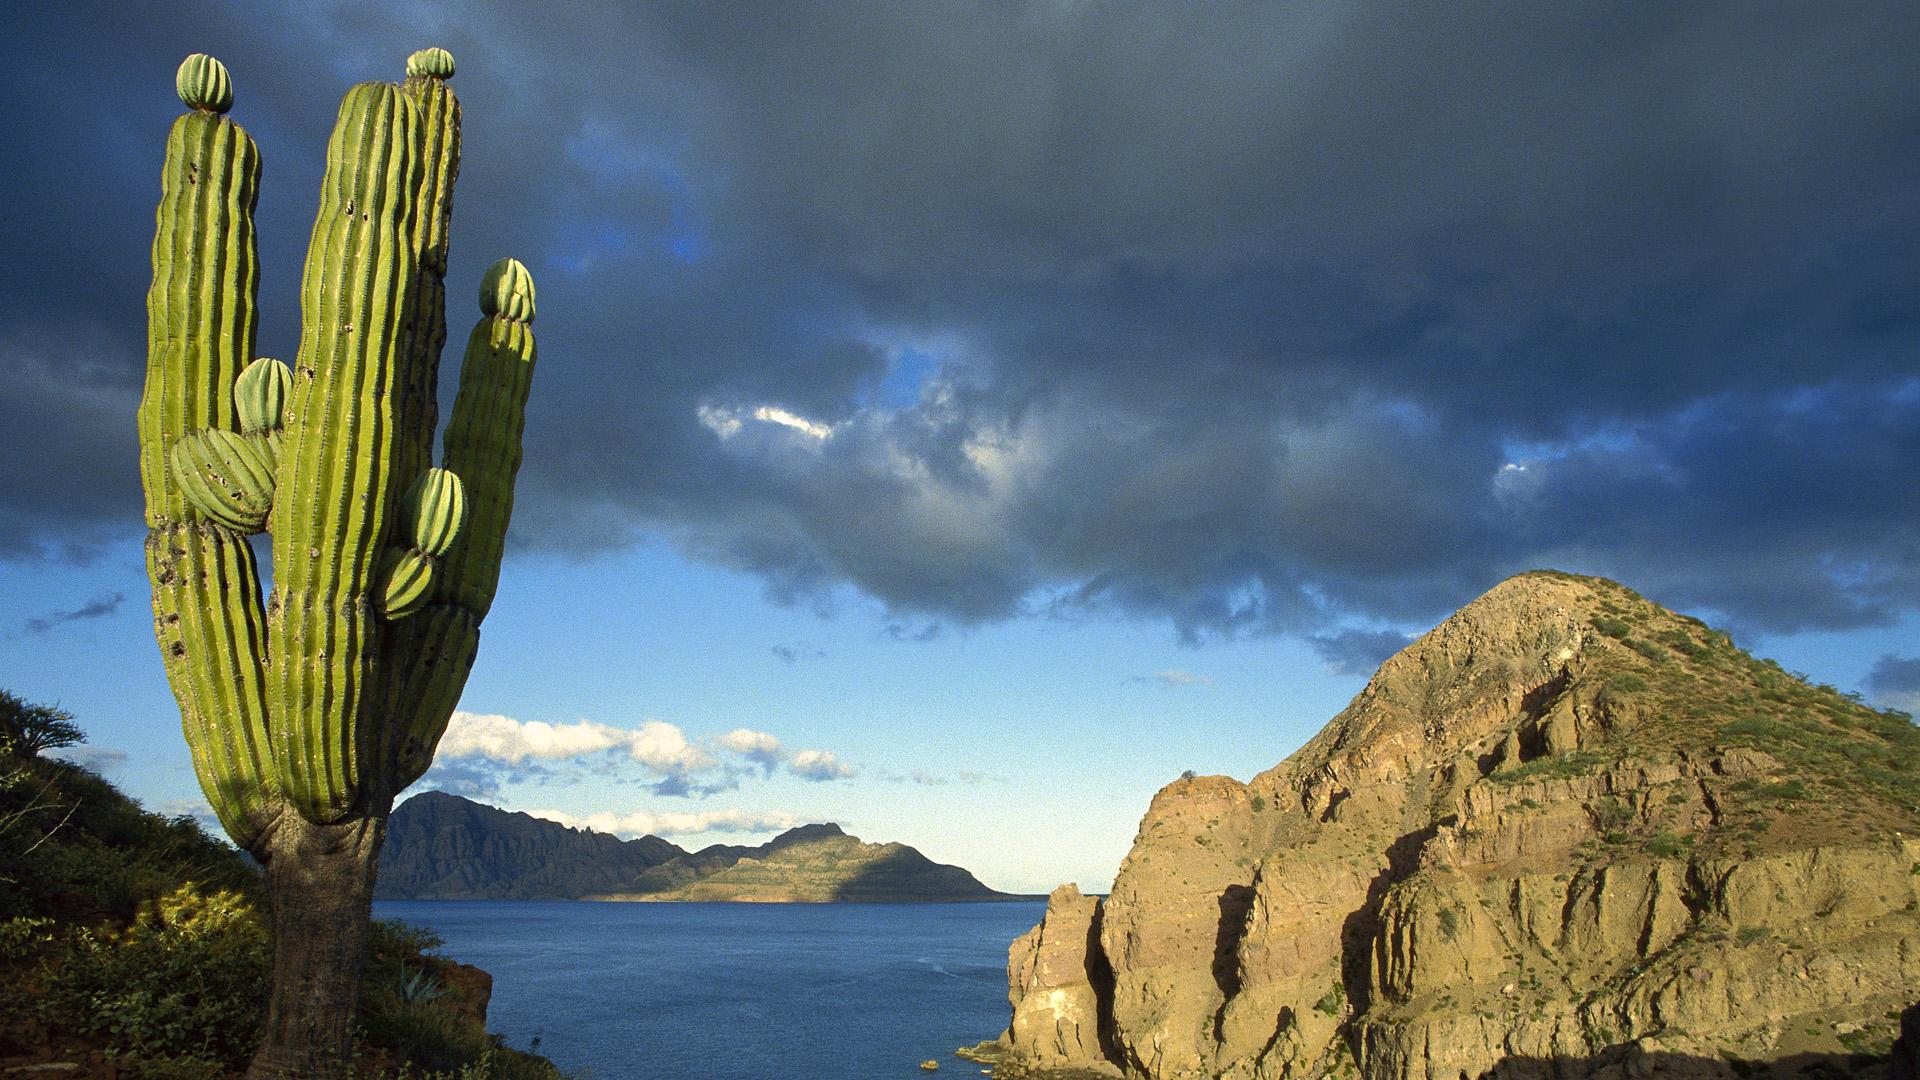 Danzante Island Sea of Cortez Baja California Mexico HD 1920x1080